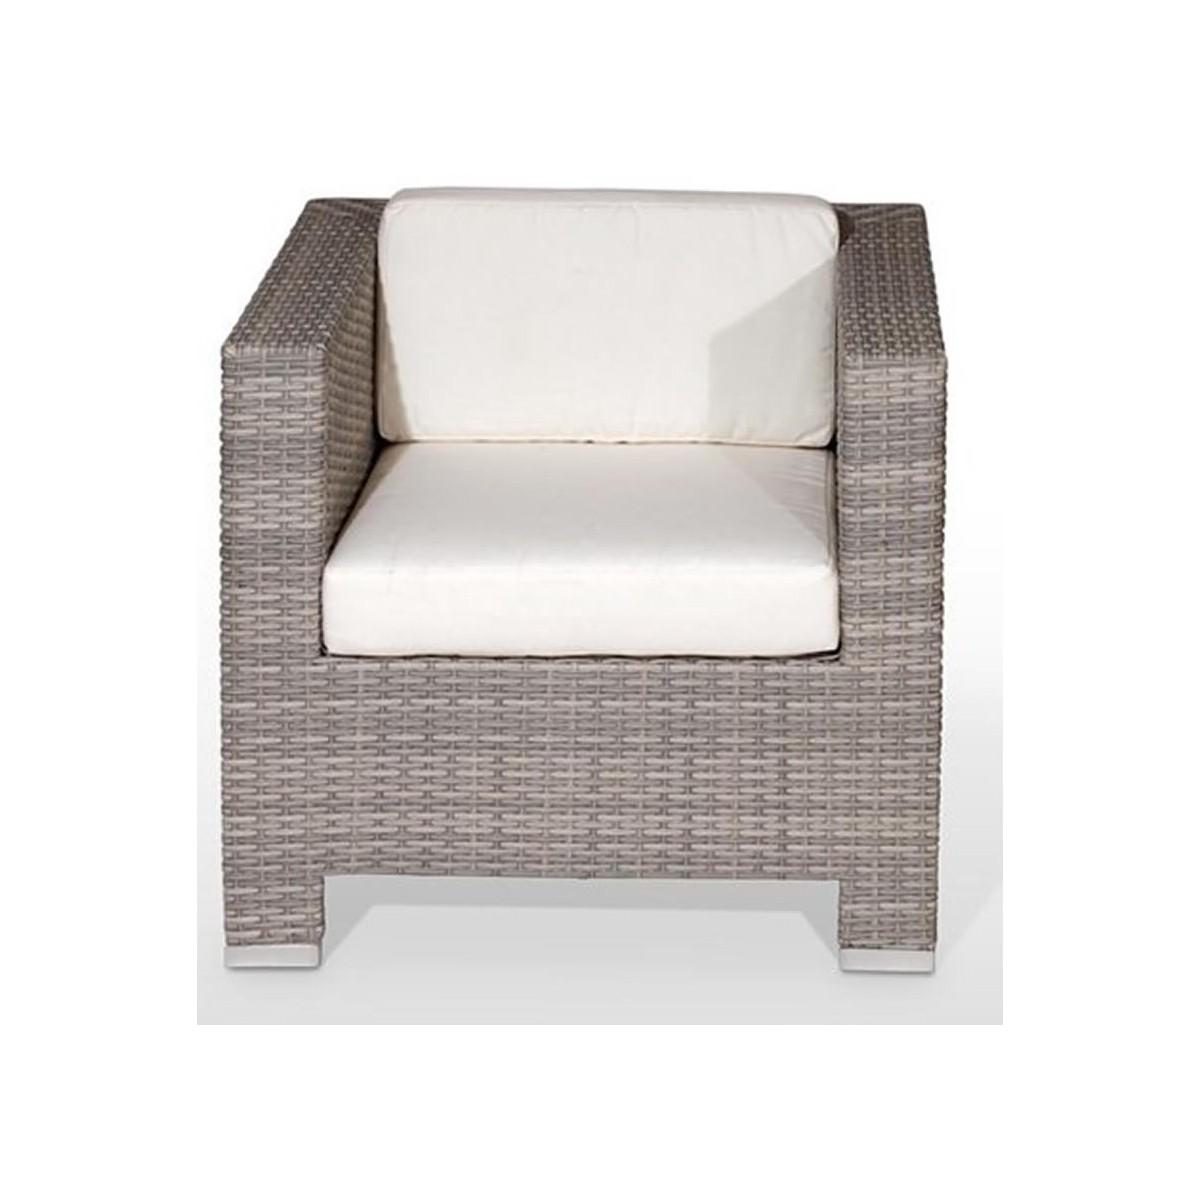 Sofa de terraza de una persona sitges con cojin incluido for Sofa de una plaza